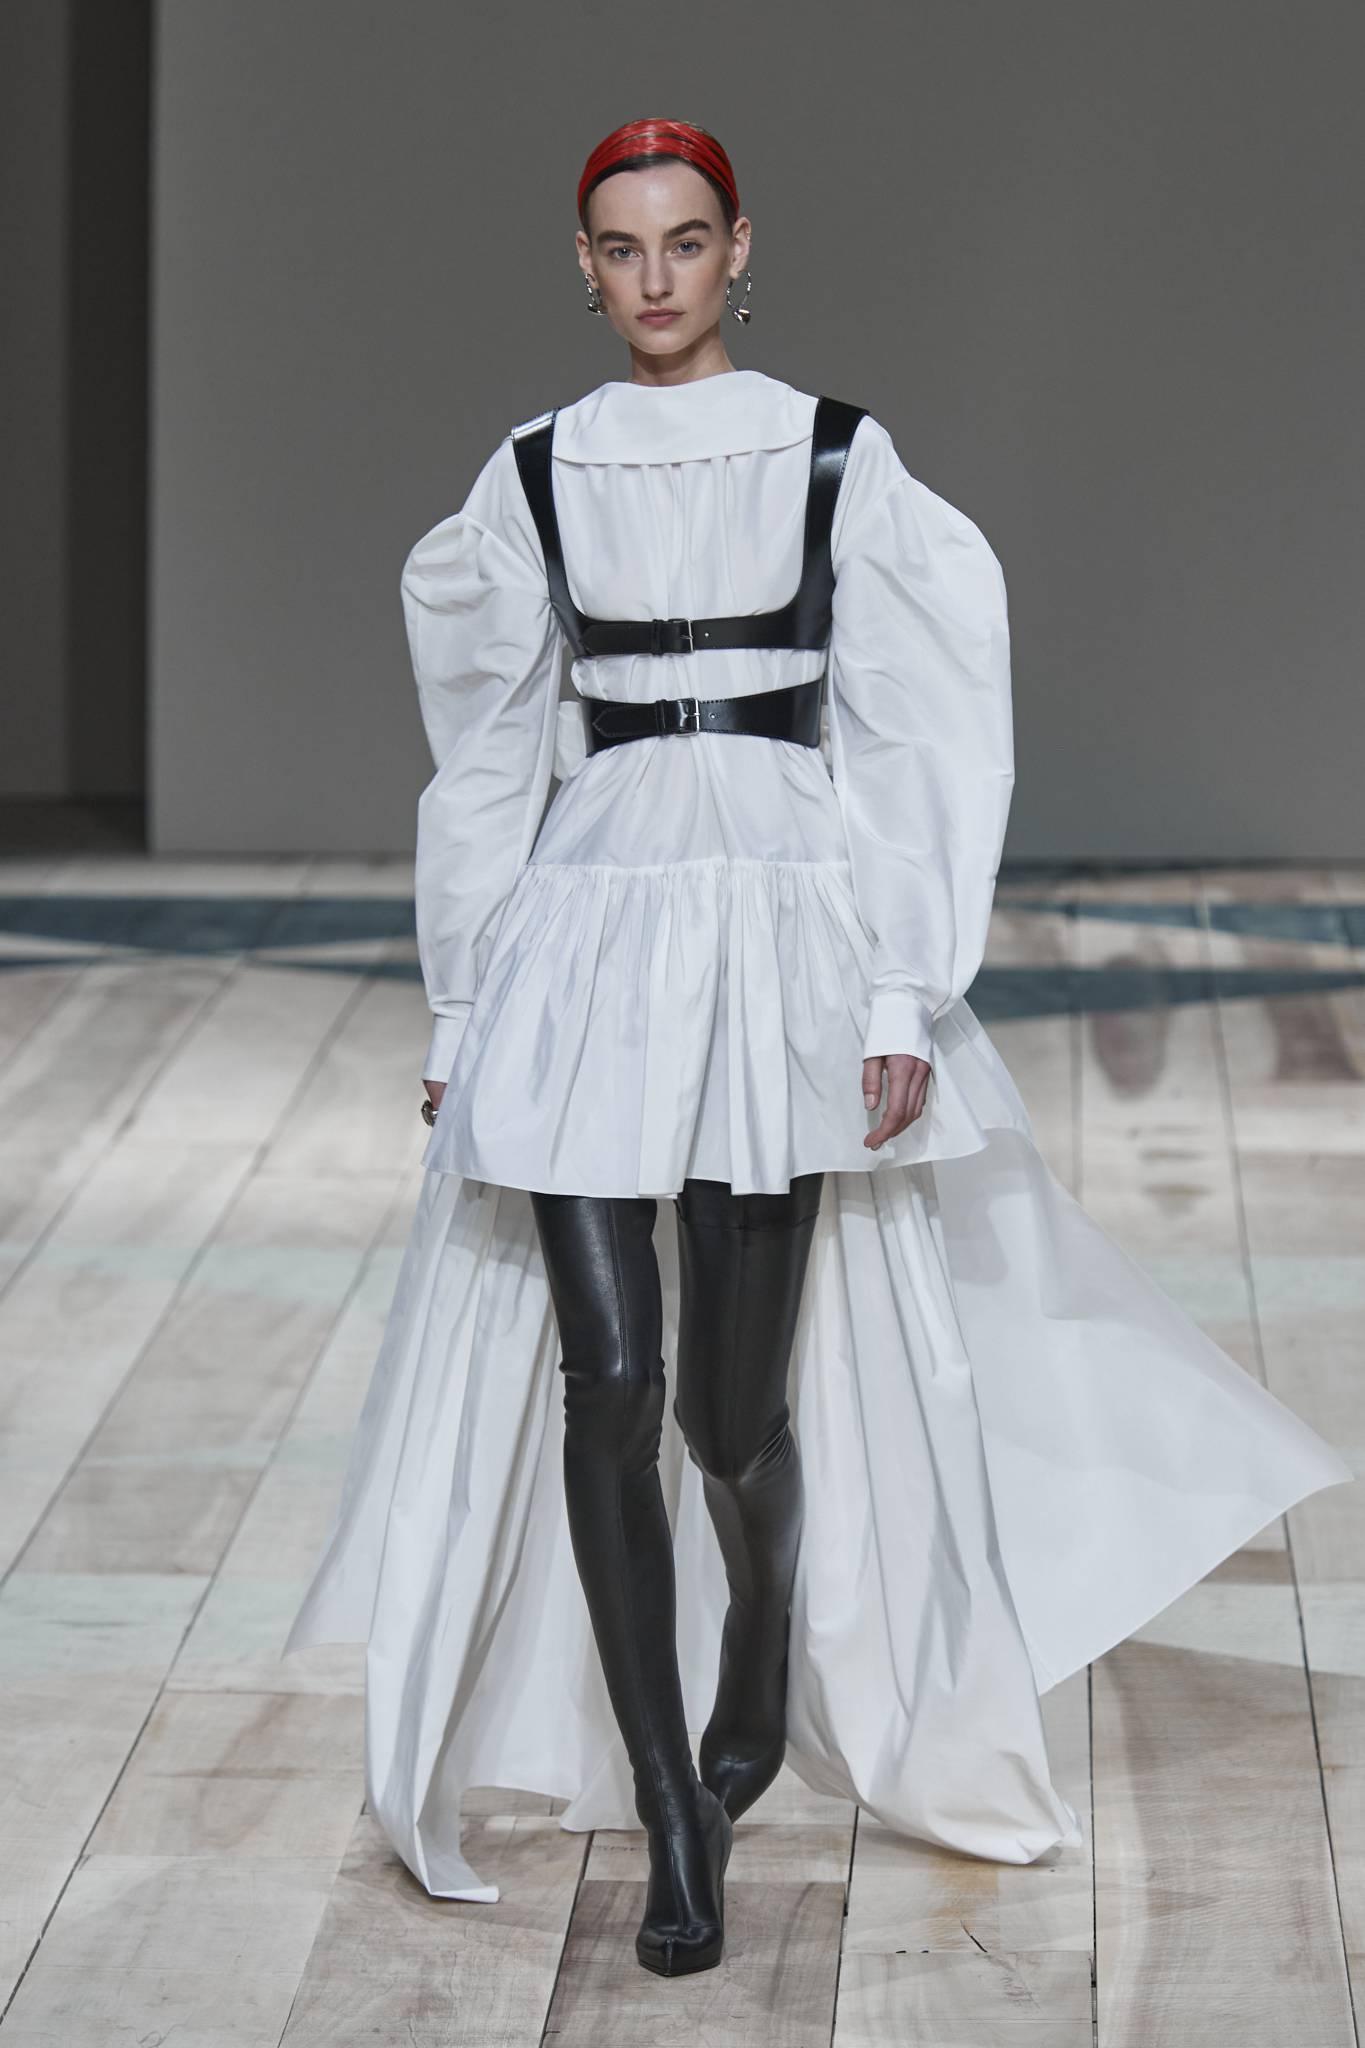 Kozaki muszkieterki - stylizacje.Do czego nosić tak, by podkreślić atuty sylwetki?